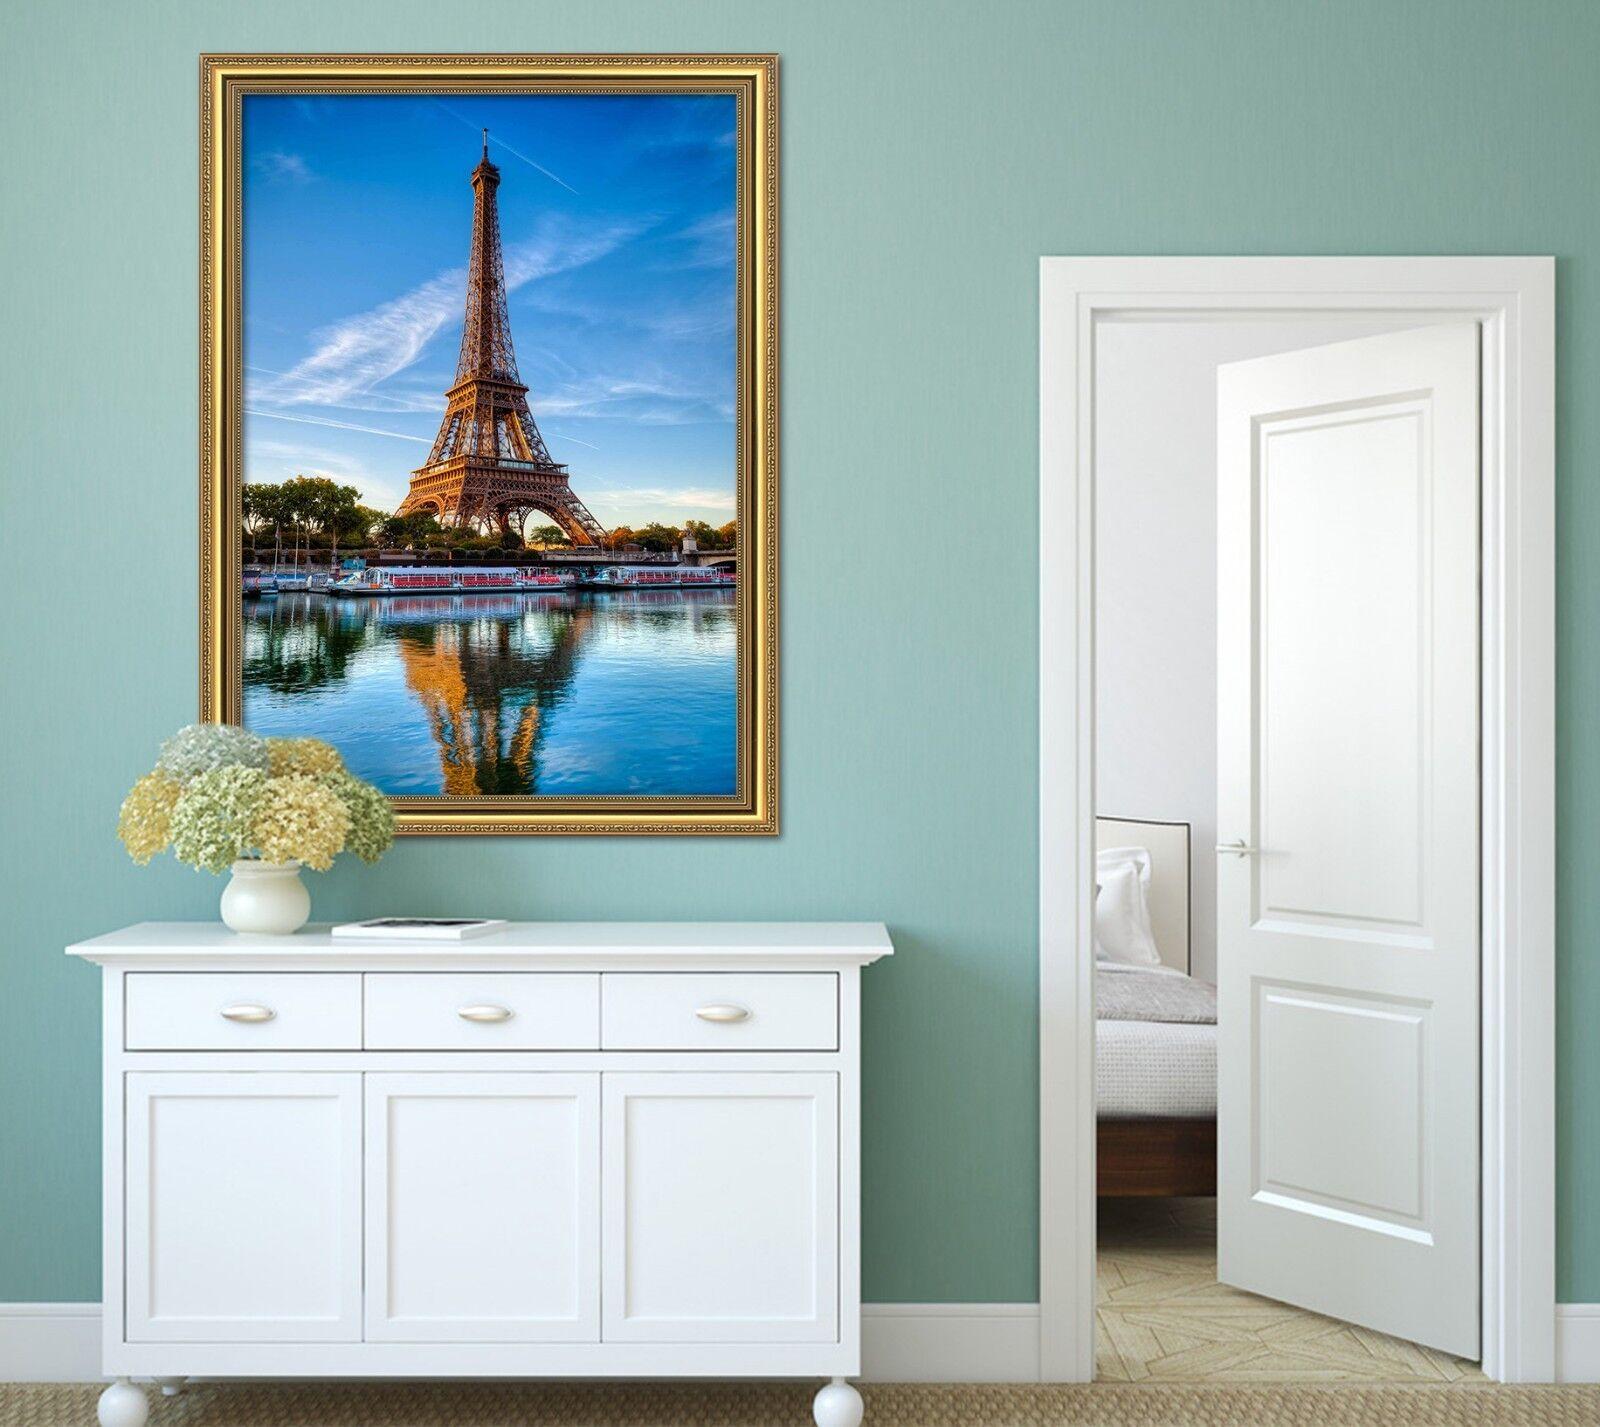 3D Torre Eiffel Lago 21 Enmarcado Póster Decoración del Hogar Pintura de Impresión Arte AJ Wallpaper